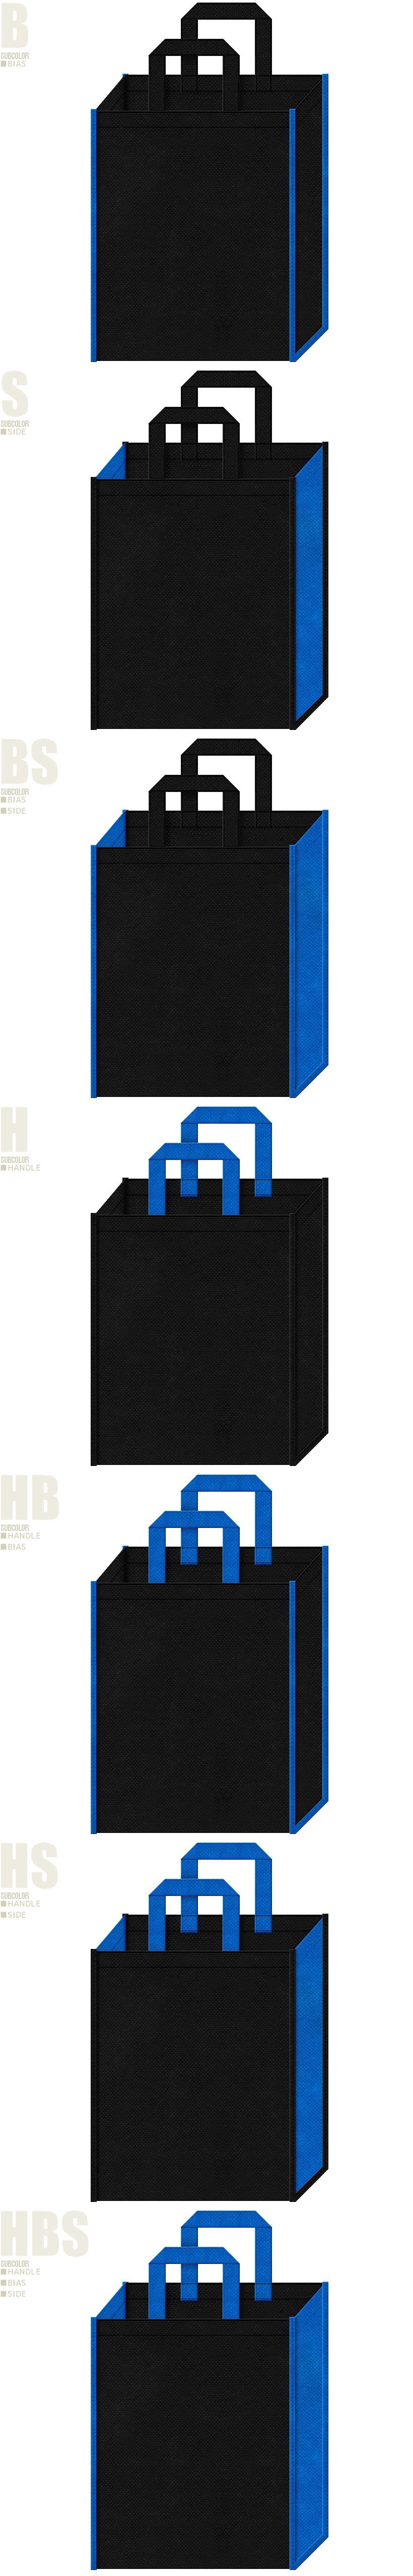 不織布トートバッグのデザイン例-不織布メインカラーNo.9+サブカラーNo.22の2色7パターン